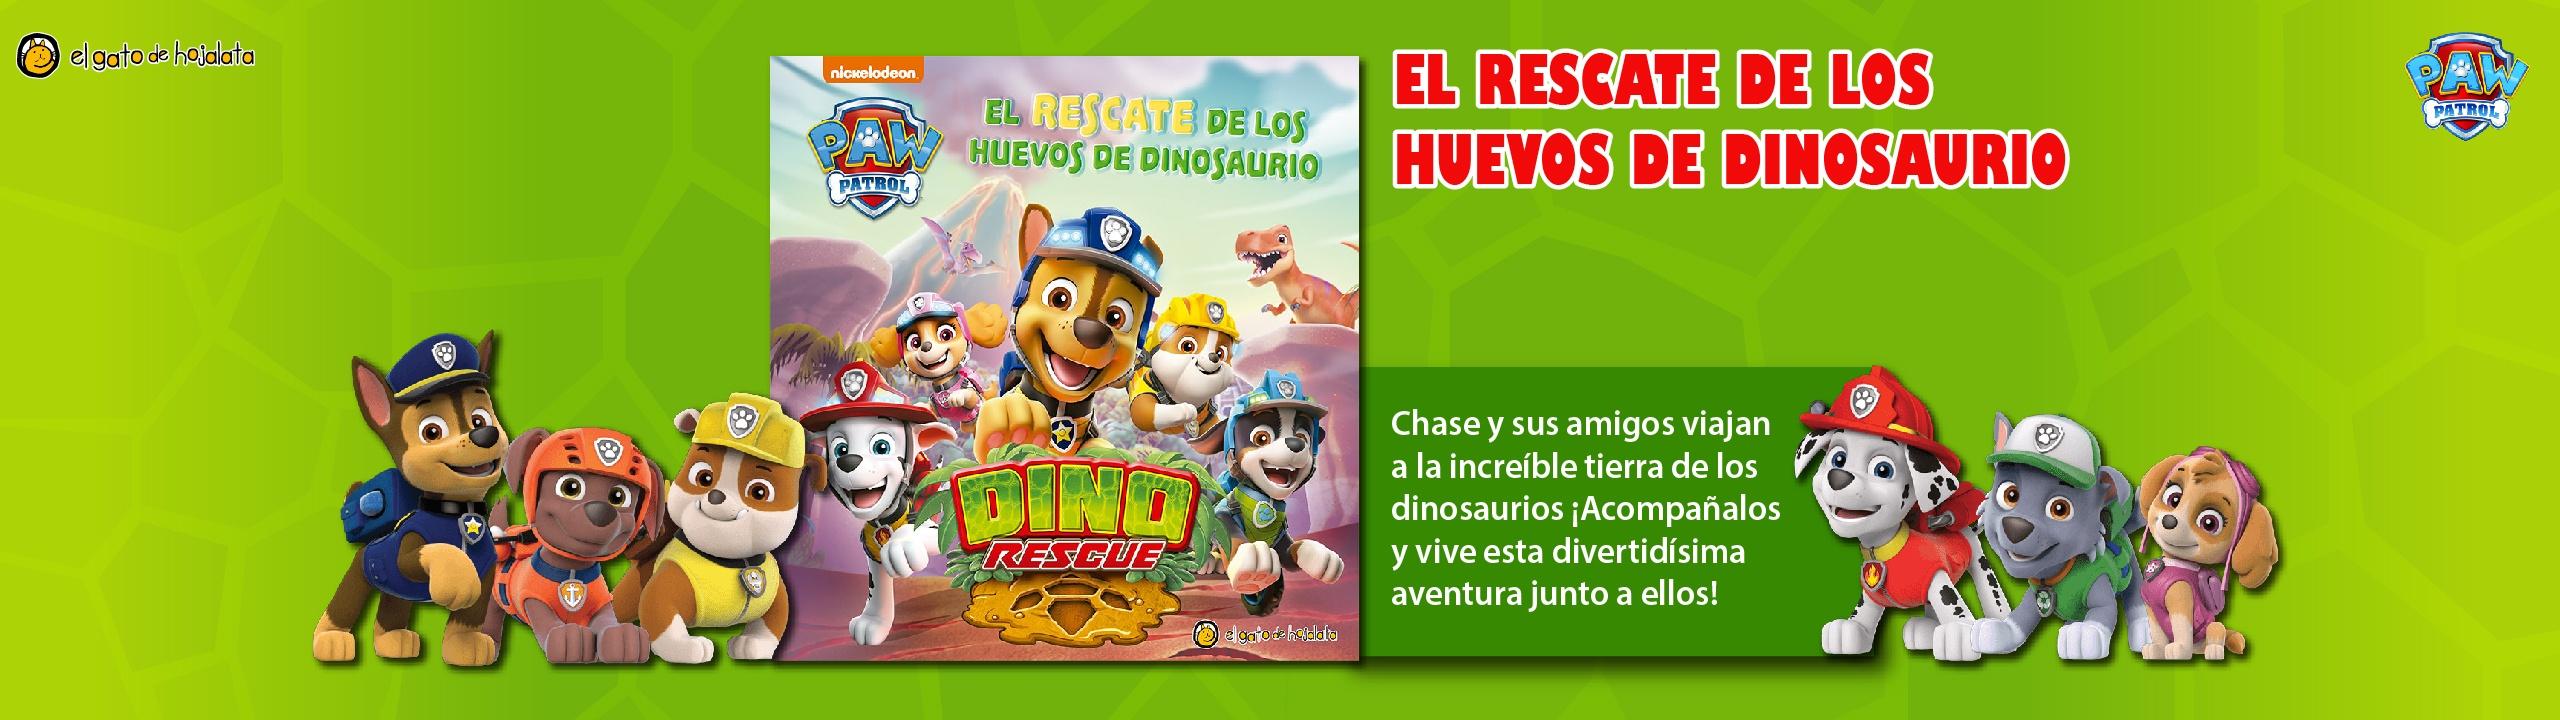 EL RESCATE_WEB_1920X540